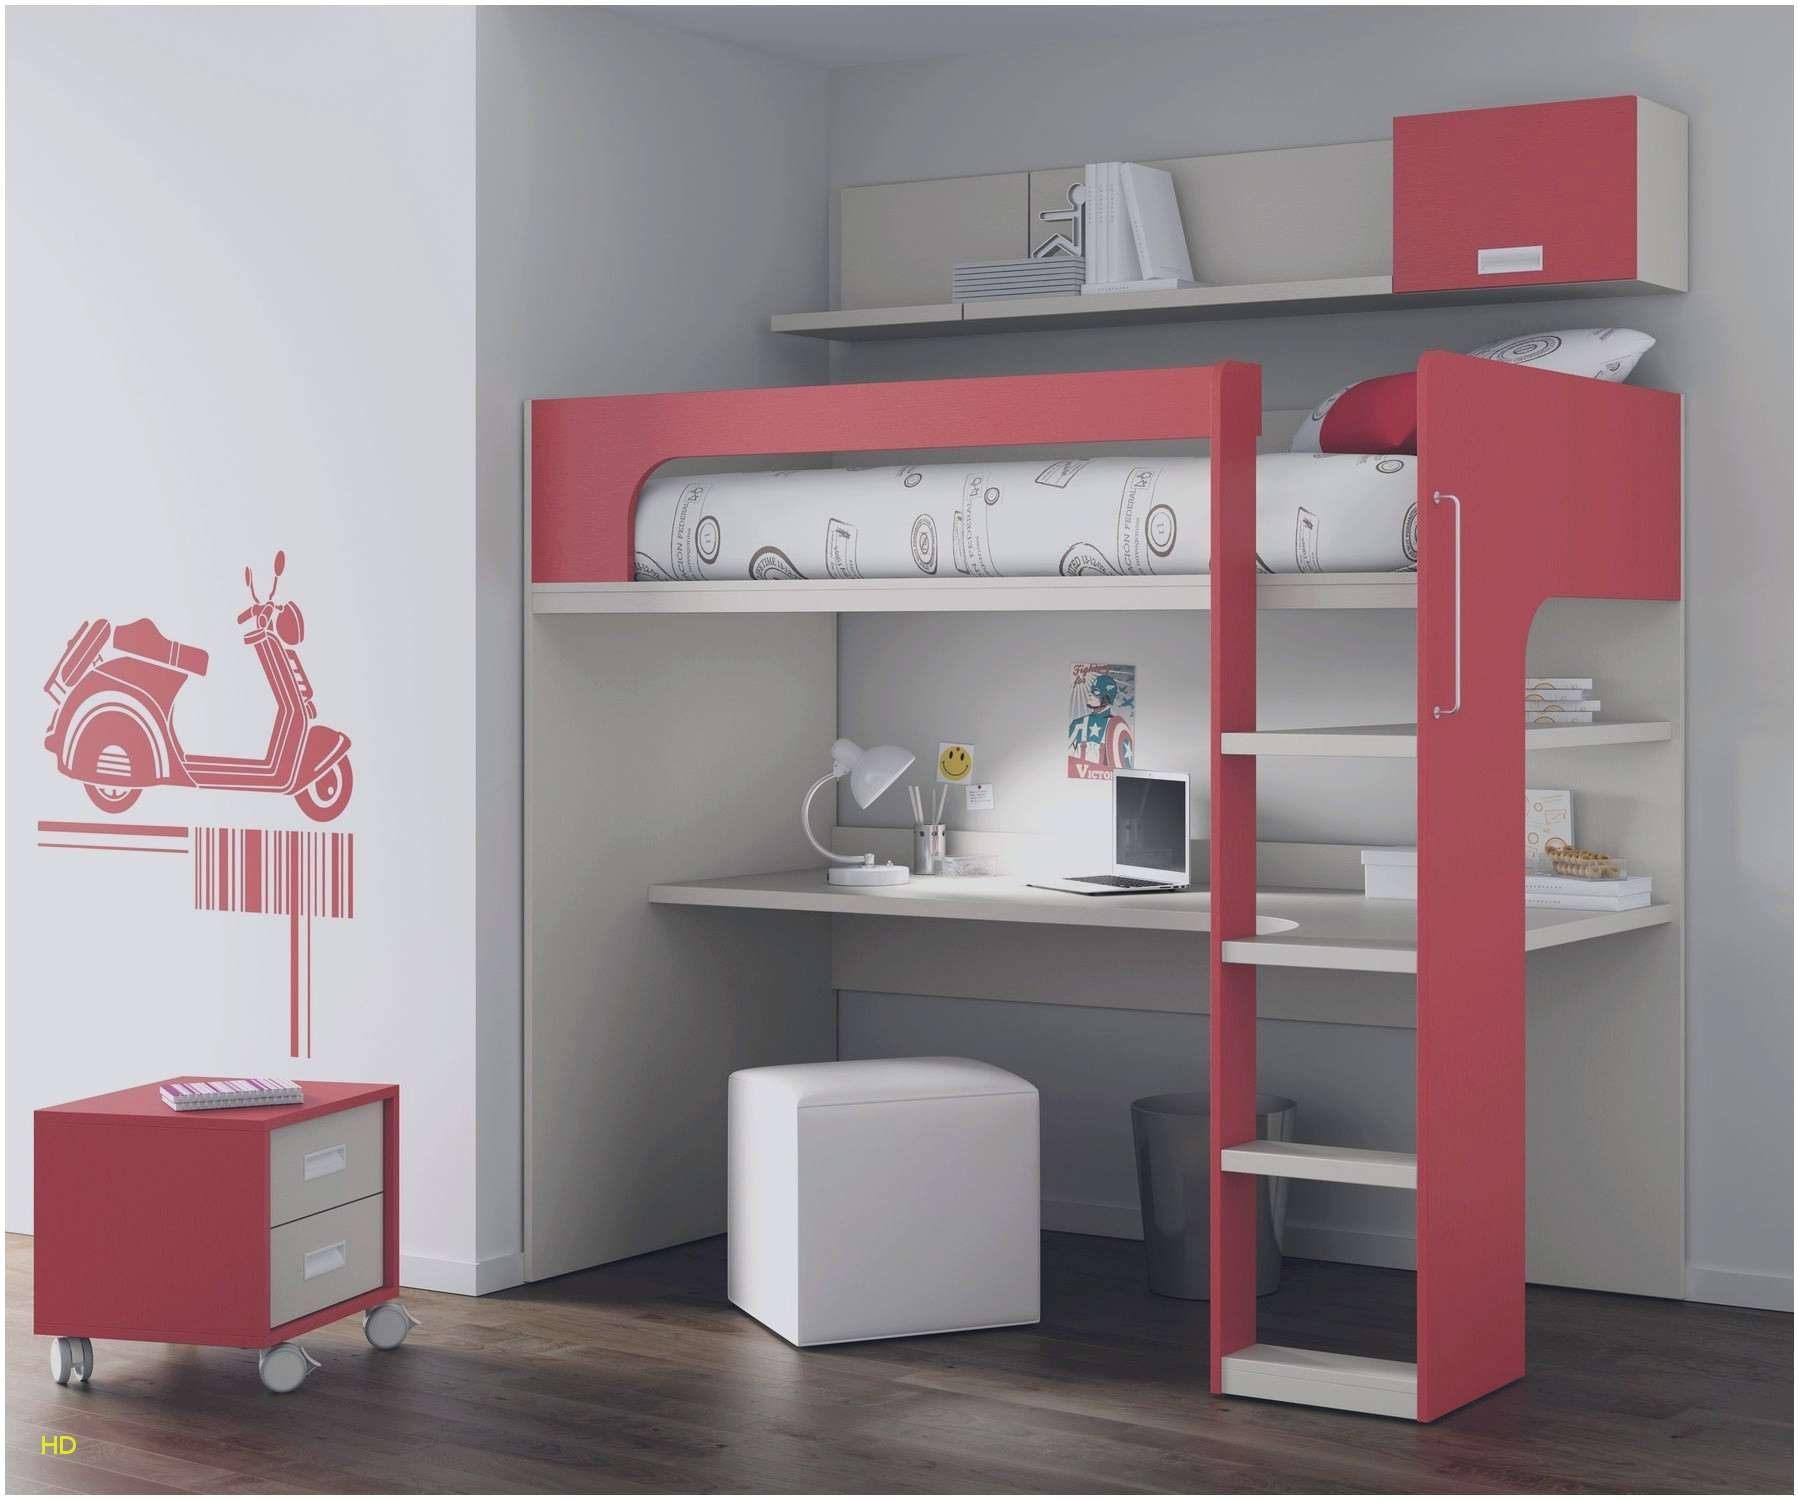 Lit Jumeaux Ikea Douce Elégant 15 Fresh Chambre Fille Ikea Deco Chambre Adulte Pour Choix